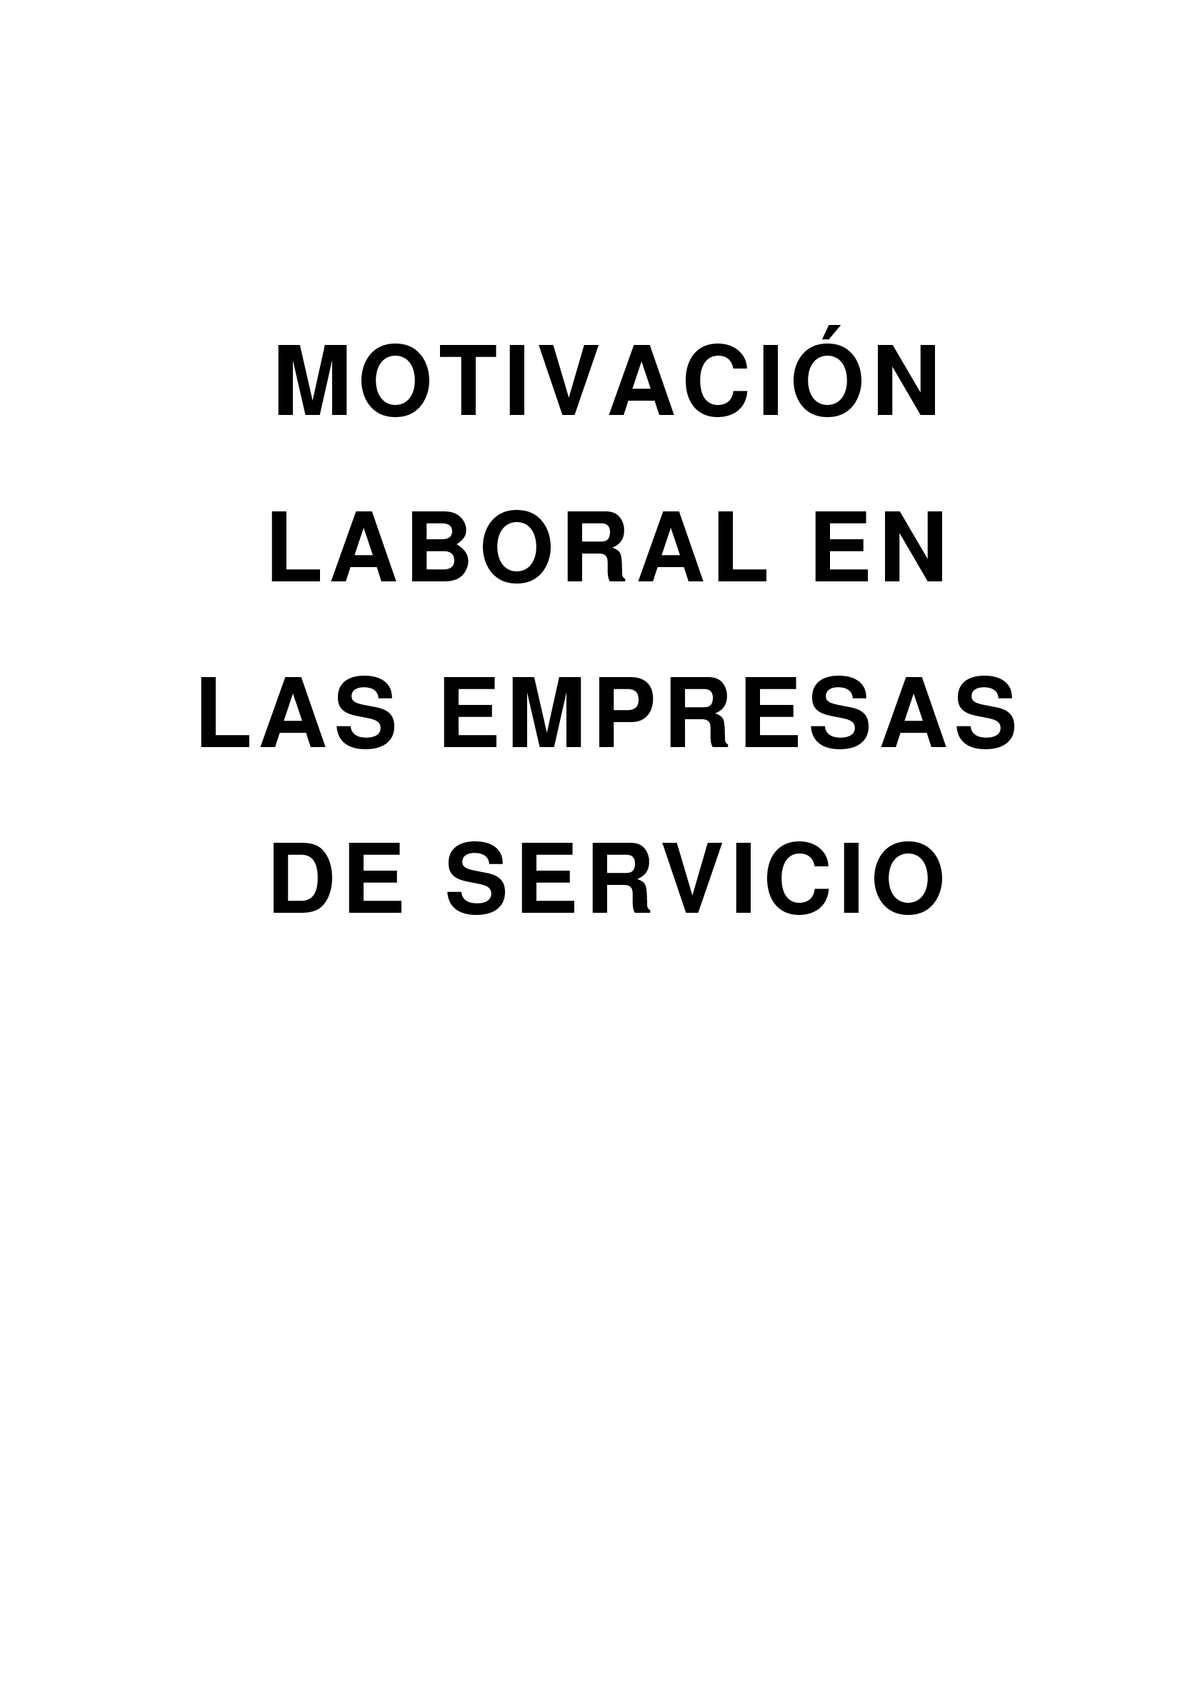 Calaméo Motivación Laboral